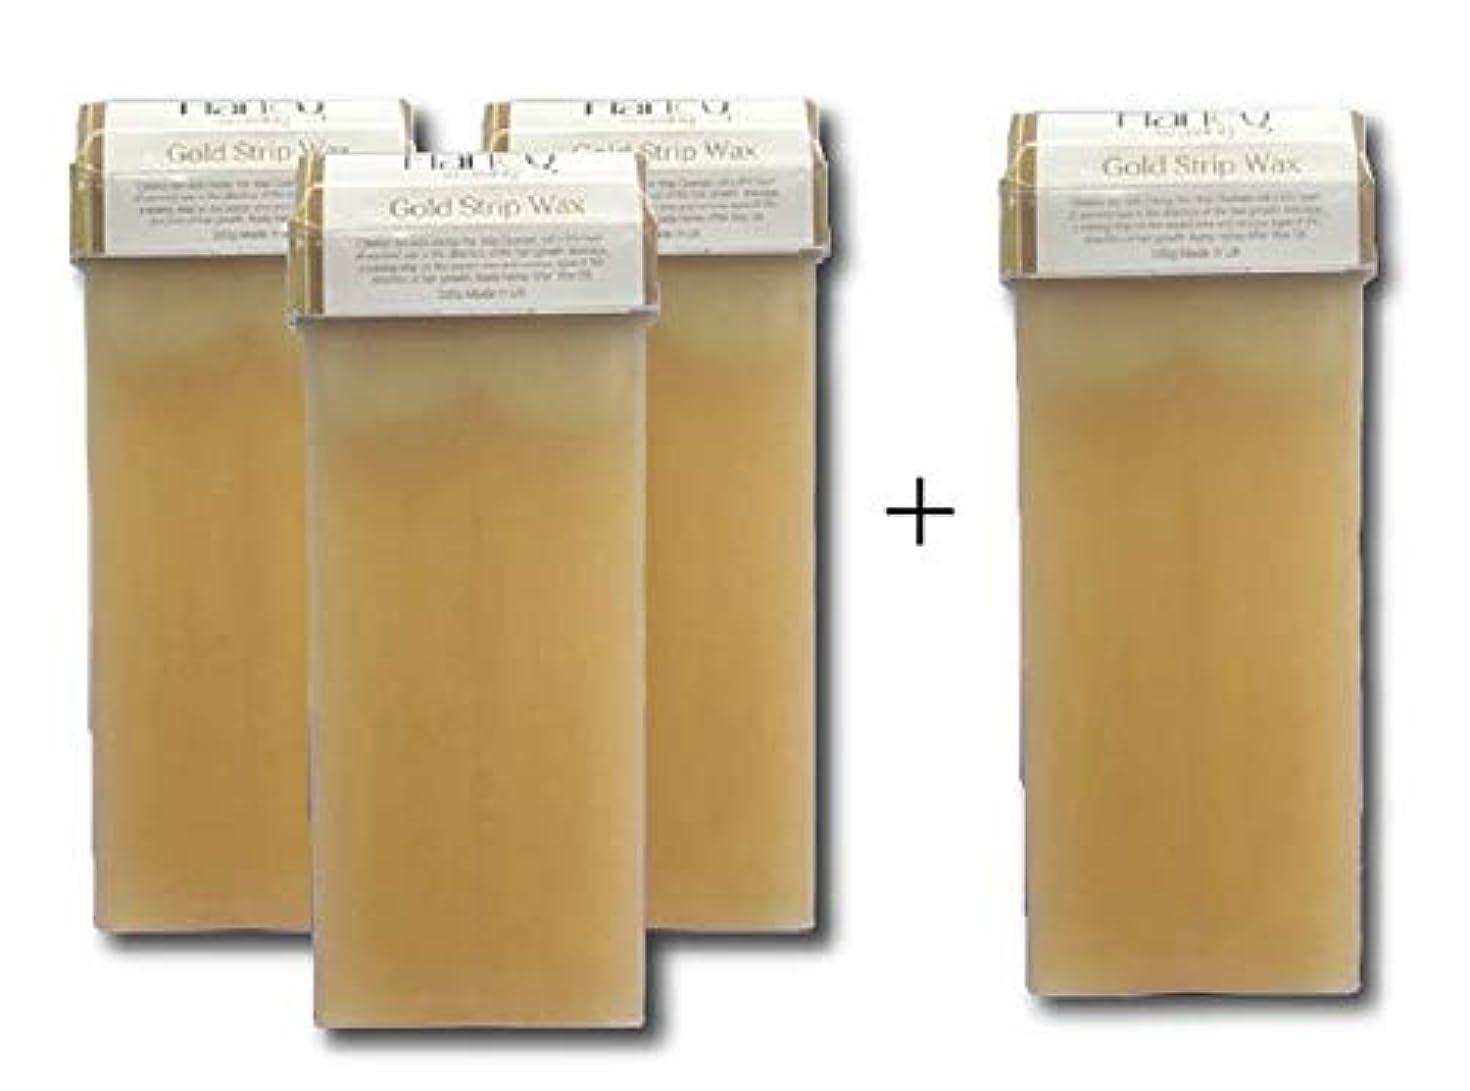 尾明らかシフトセルフゴールドワックス(100g) 3本セット + 1本おまけ ブラジリアンワックス